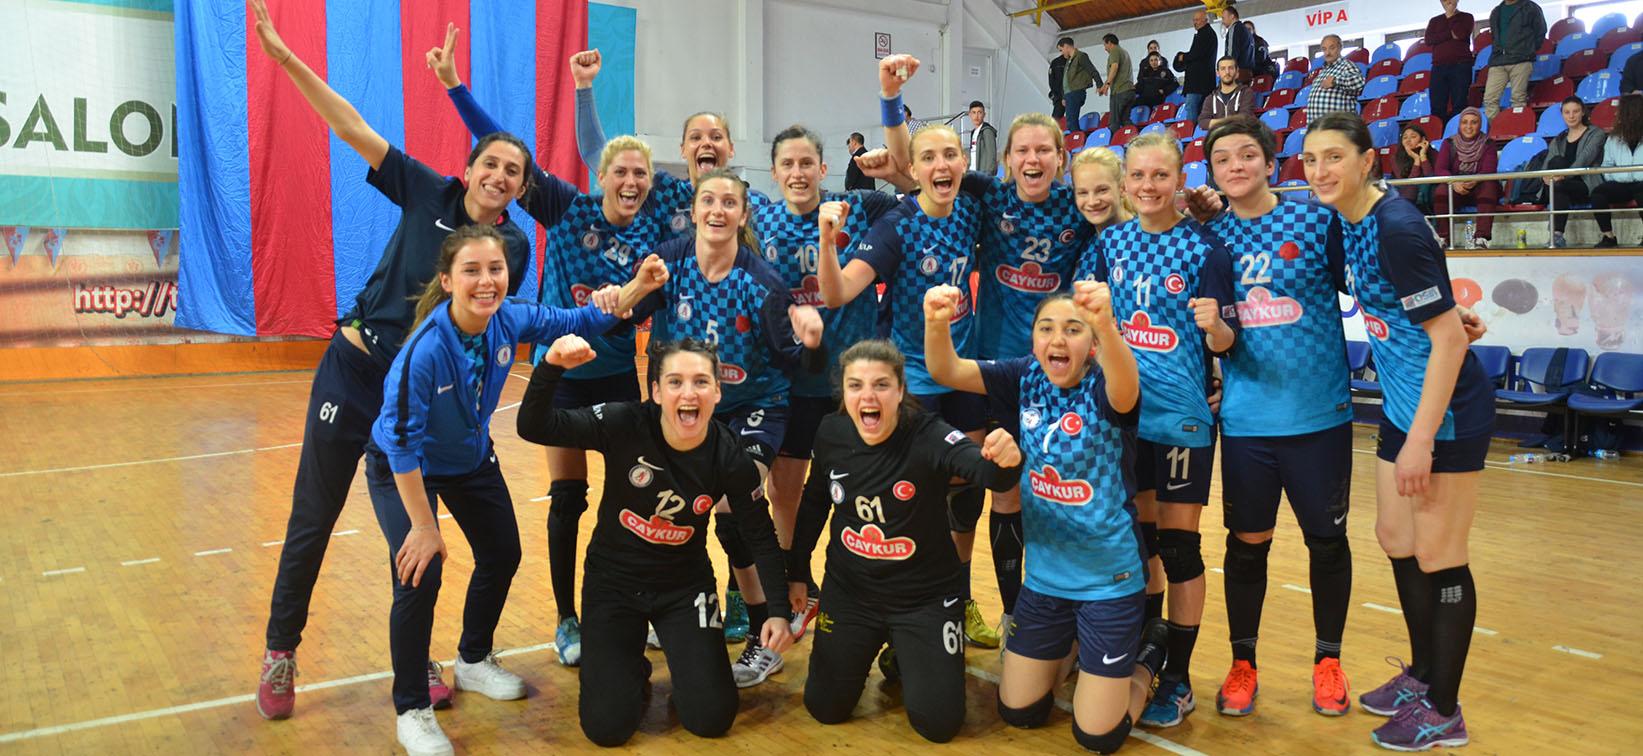 Zağnosspor'da galibiyet motivasyonu artırdı